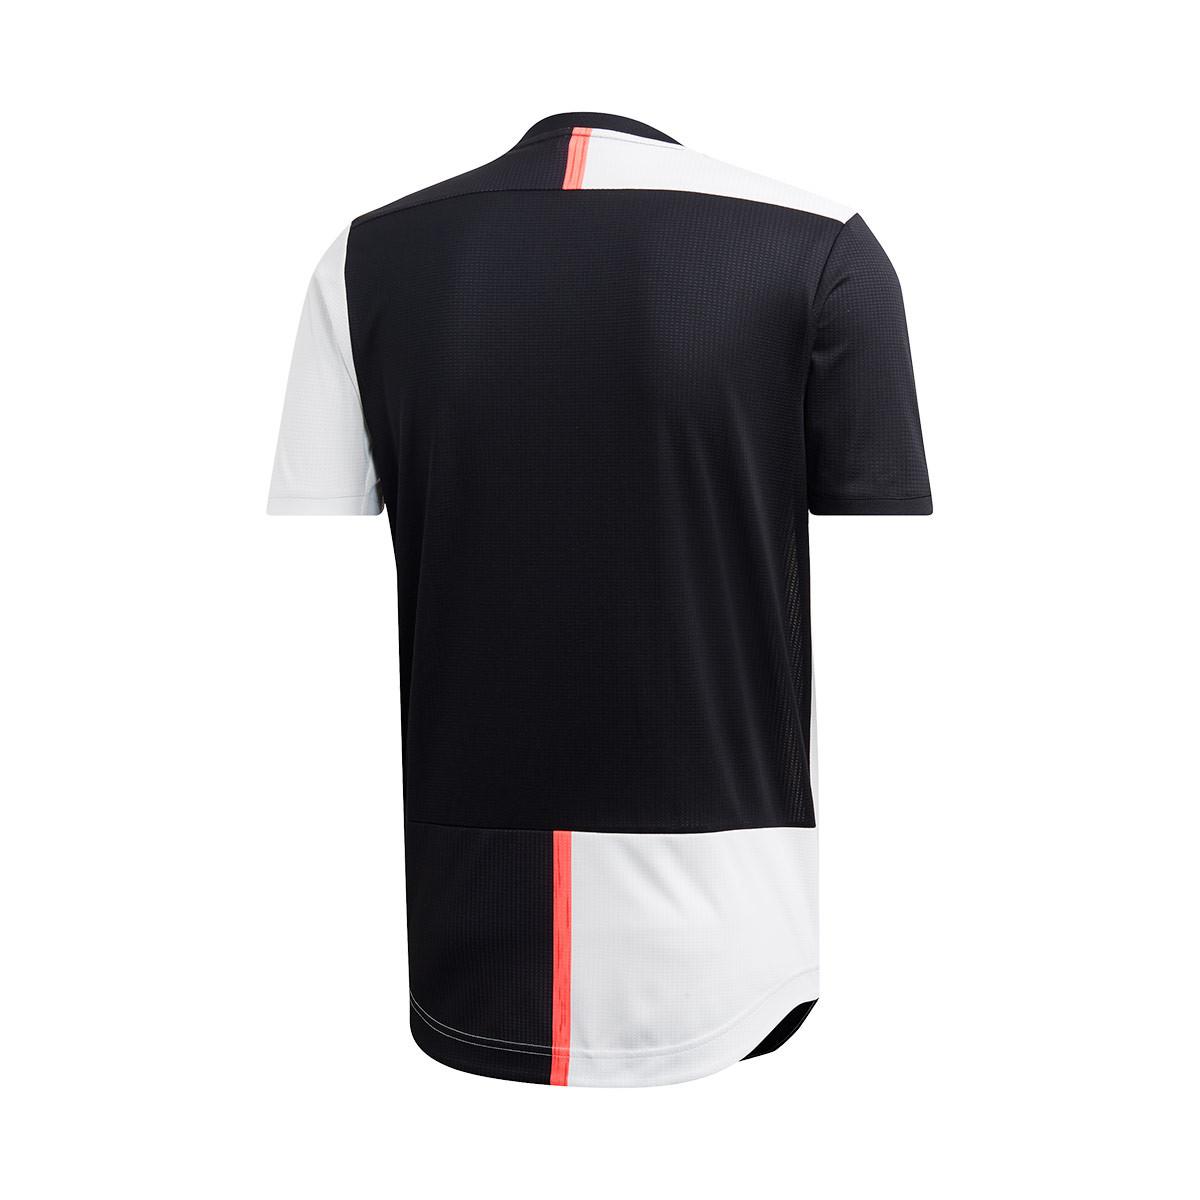 promo code 83a0f ddb20 Camiseta Juventus Authentic Primera Equipación 2019-2020 Black-White